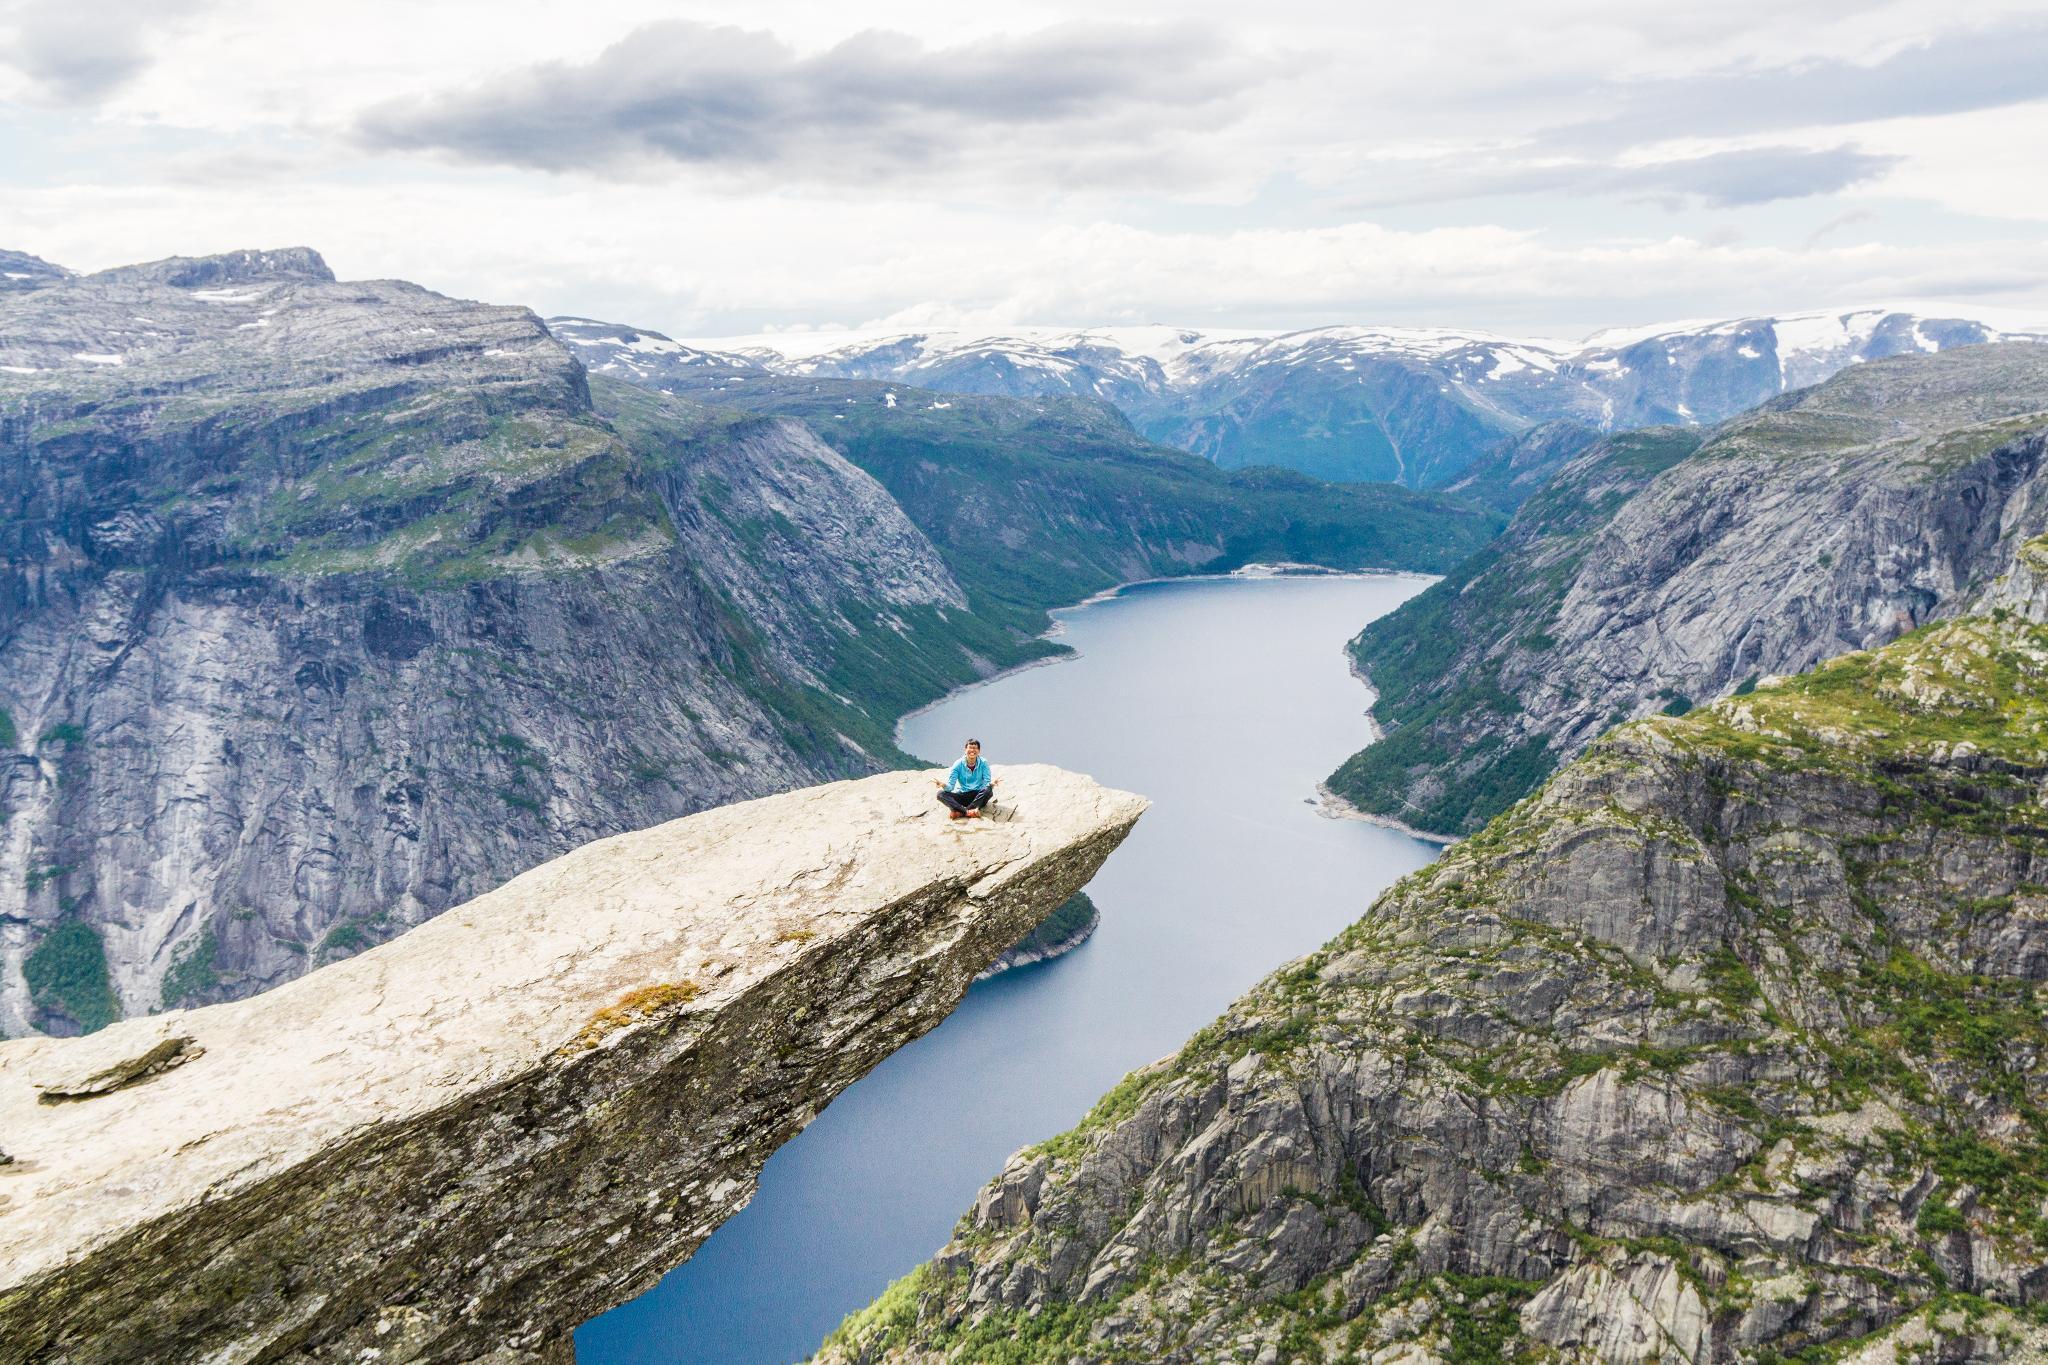 【北歐景點】挪威惡魔之舌 Trolltunga — 28公里健行挑戰全攻略 233